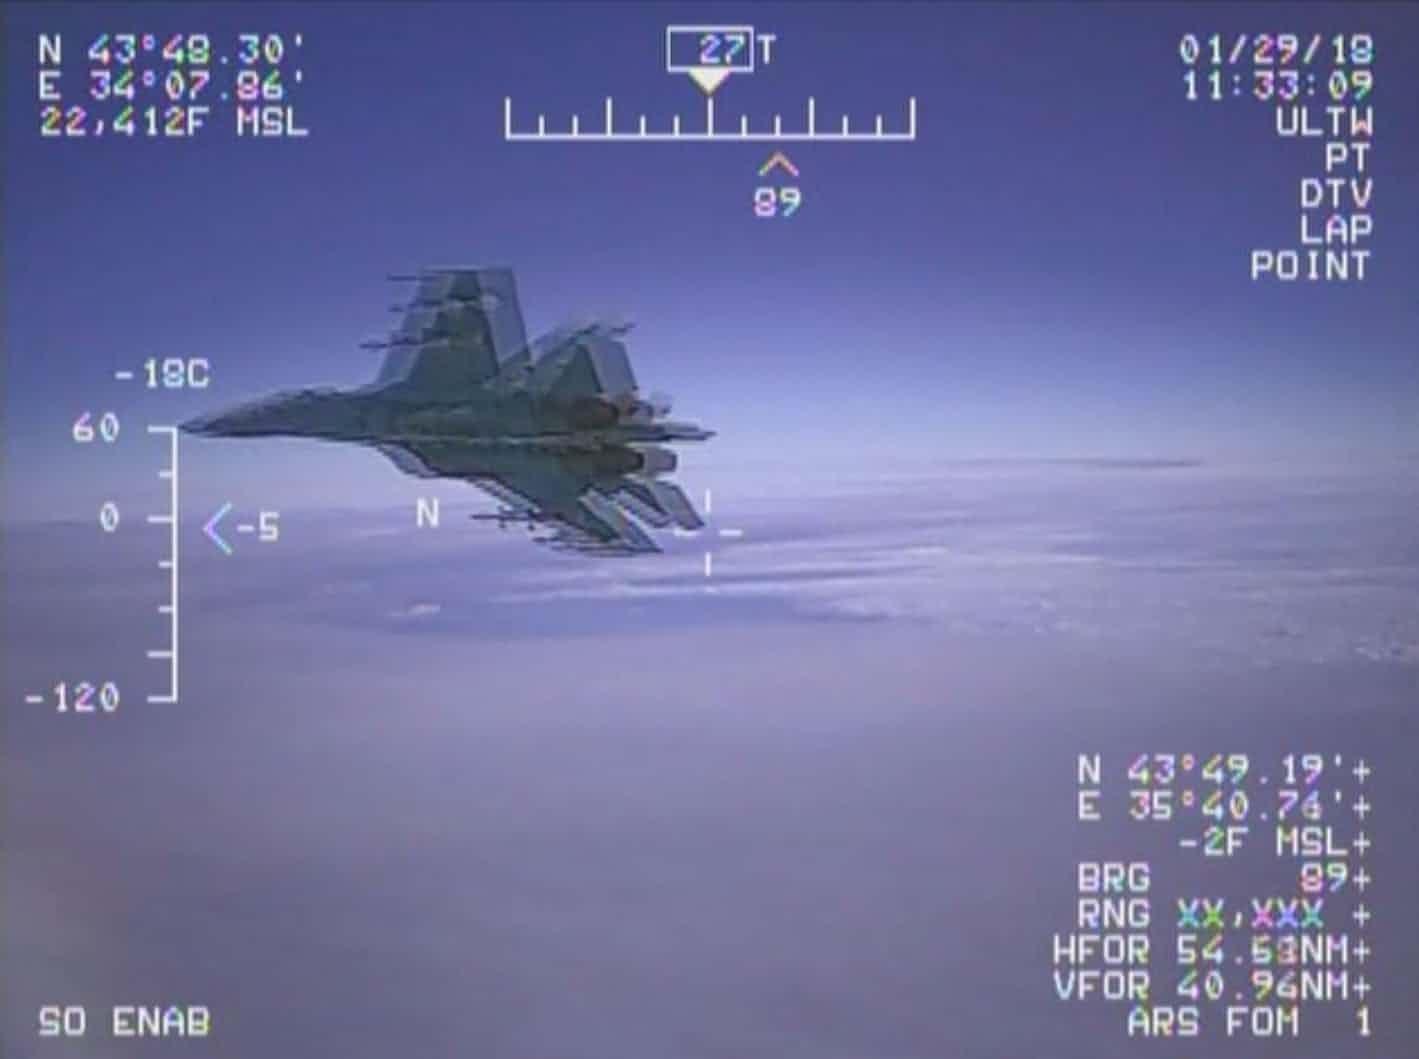 عکس روز: رهگیری هوایی